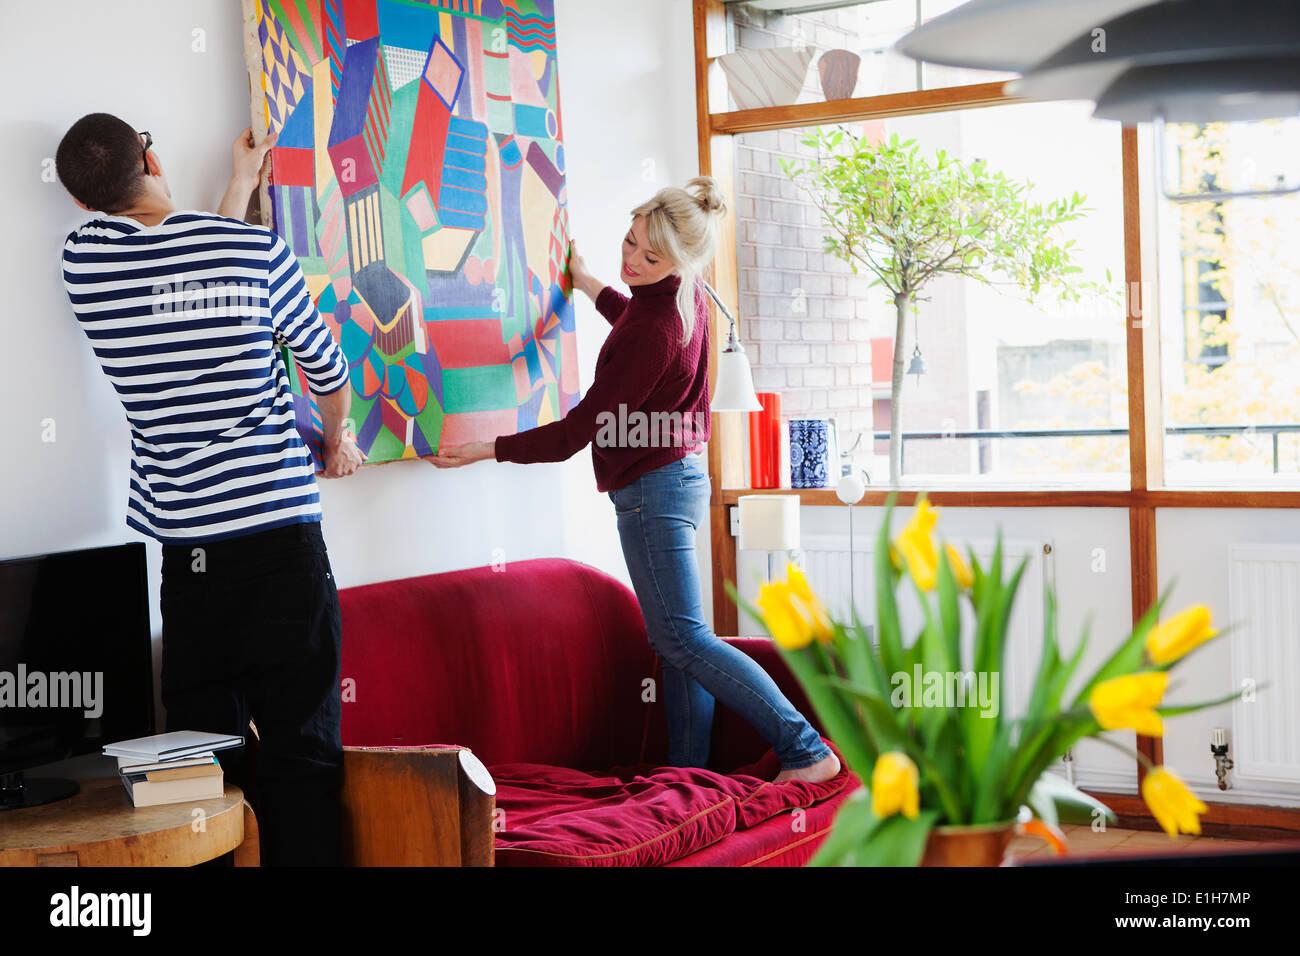 Pareja joven poniendo pintura en salón Imagen De Stock